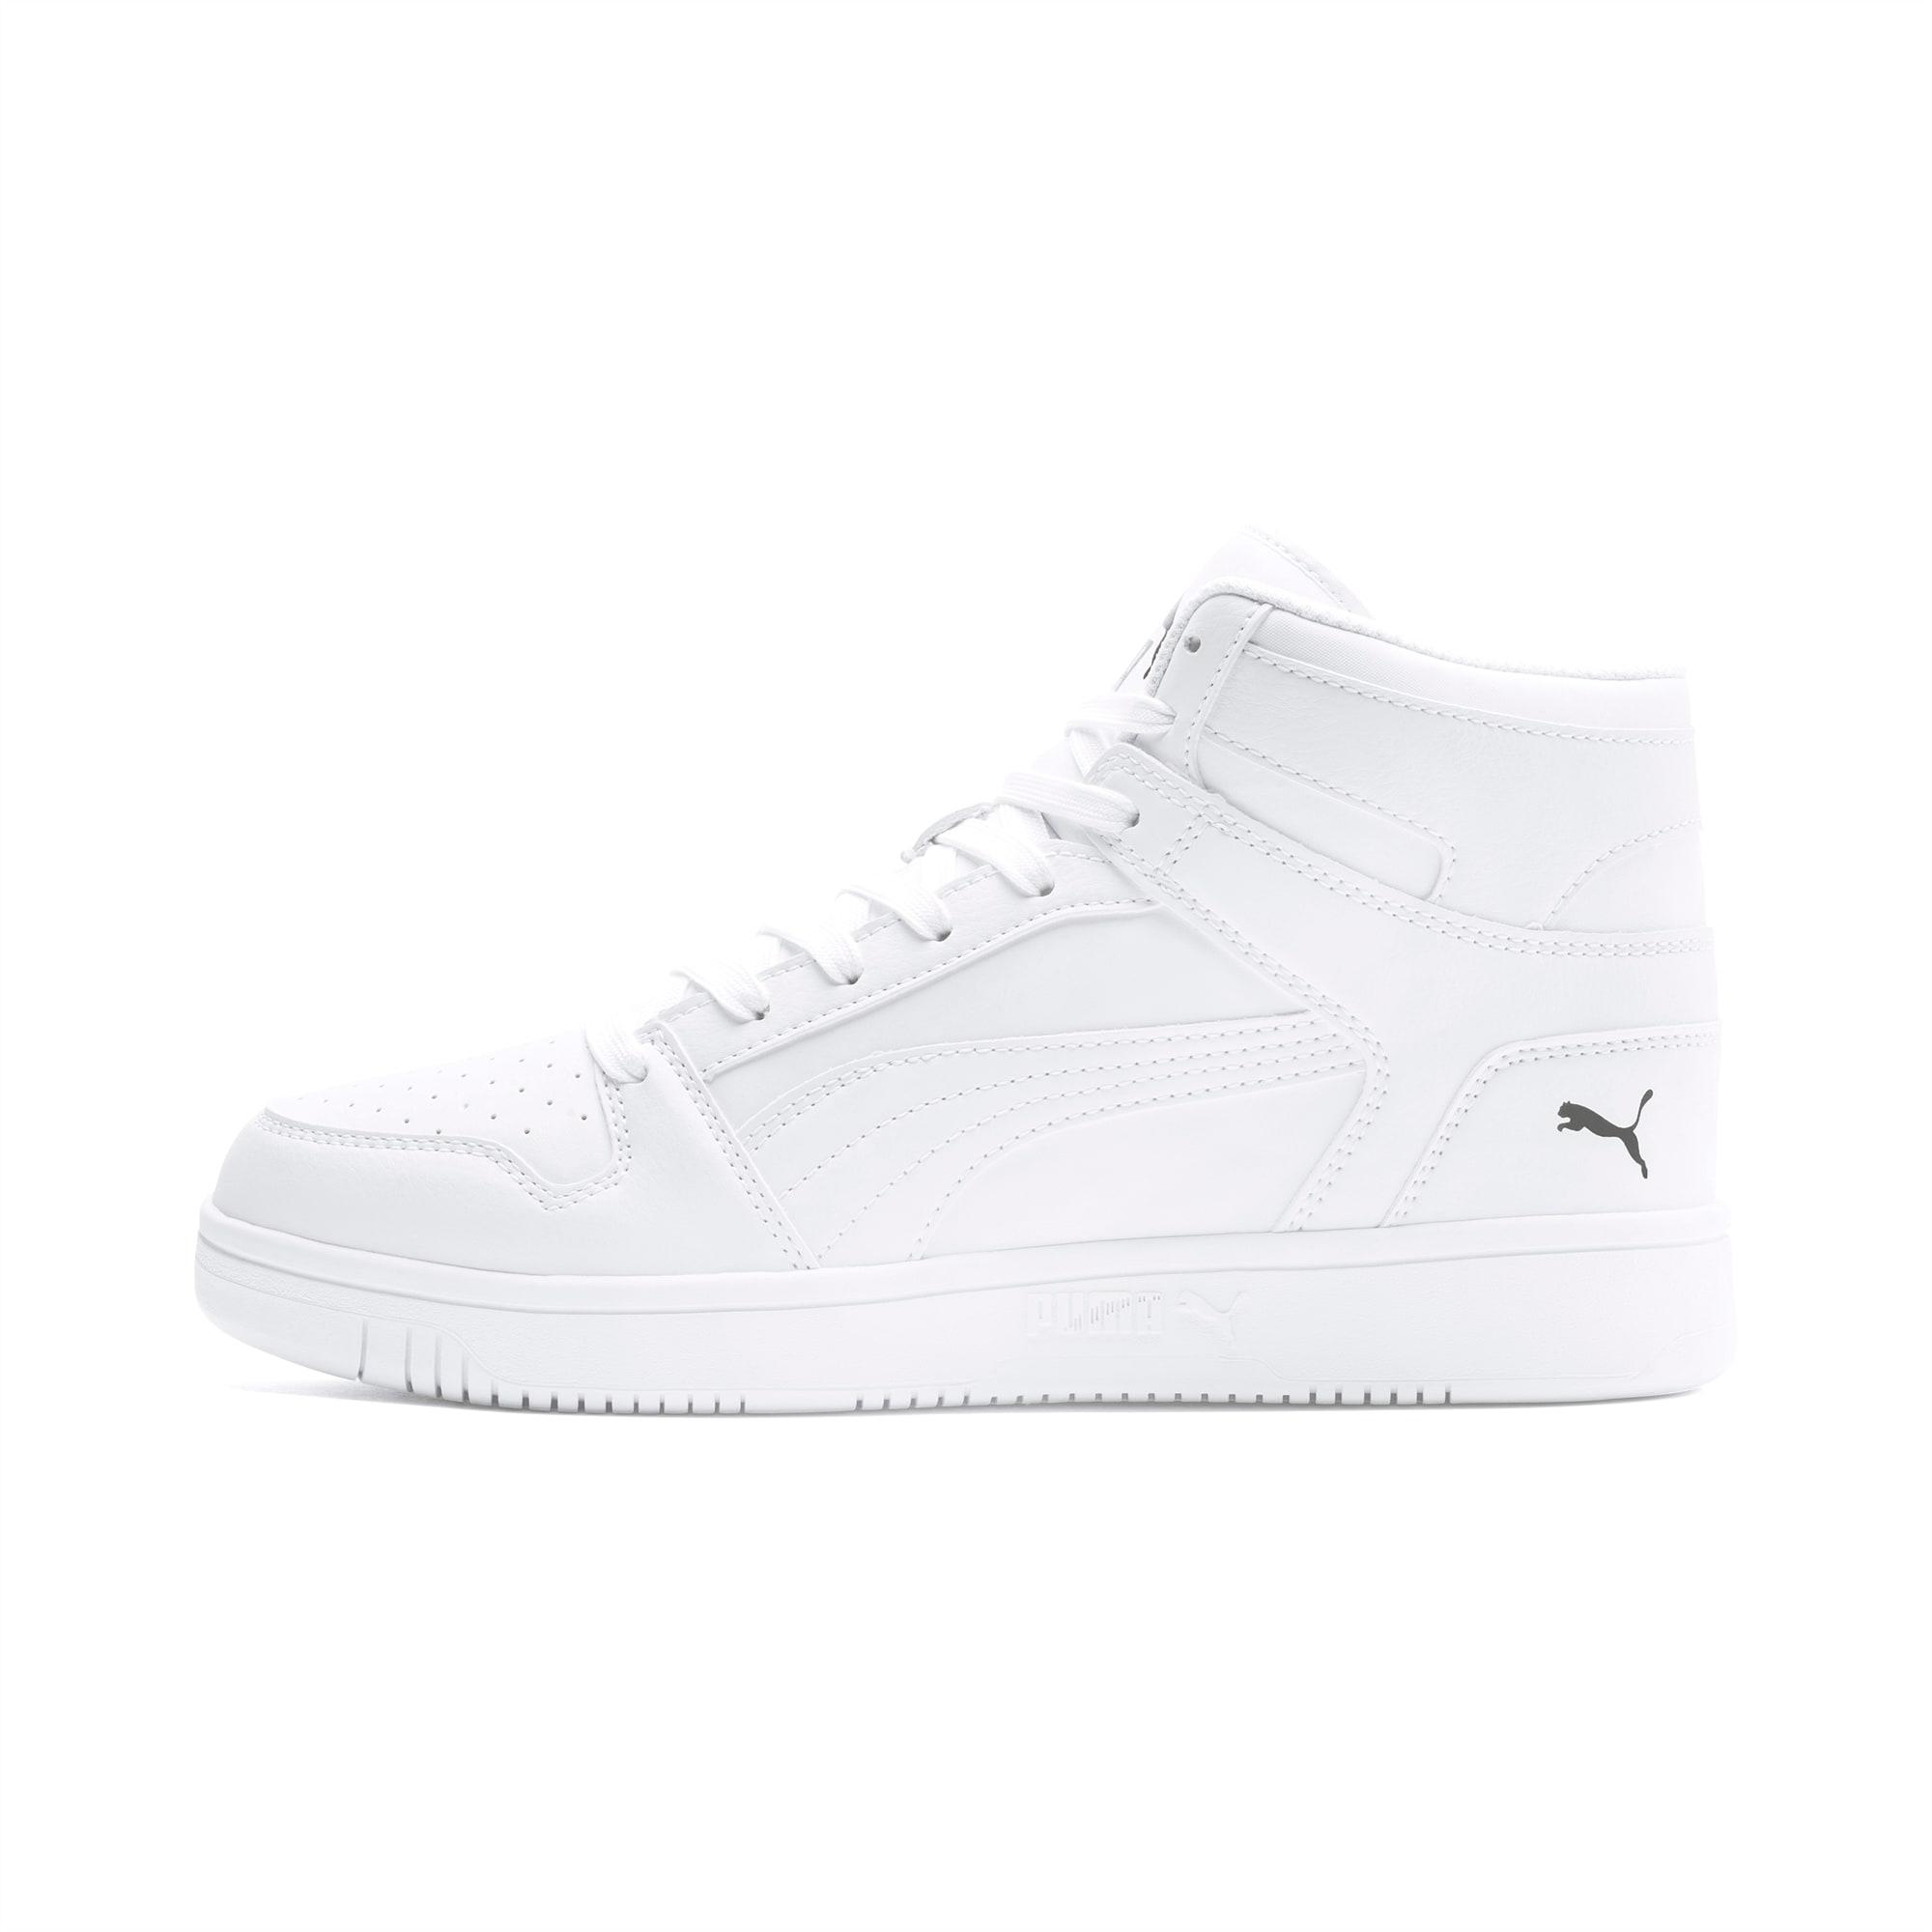 PUMA Chaussure Basket Rebound Lay Up, Blanc/Noir, Taille 40.5, Chaussures